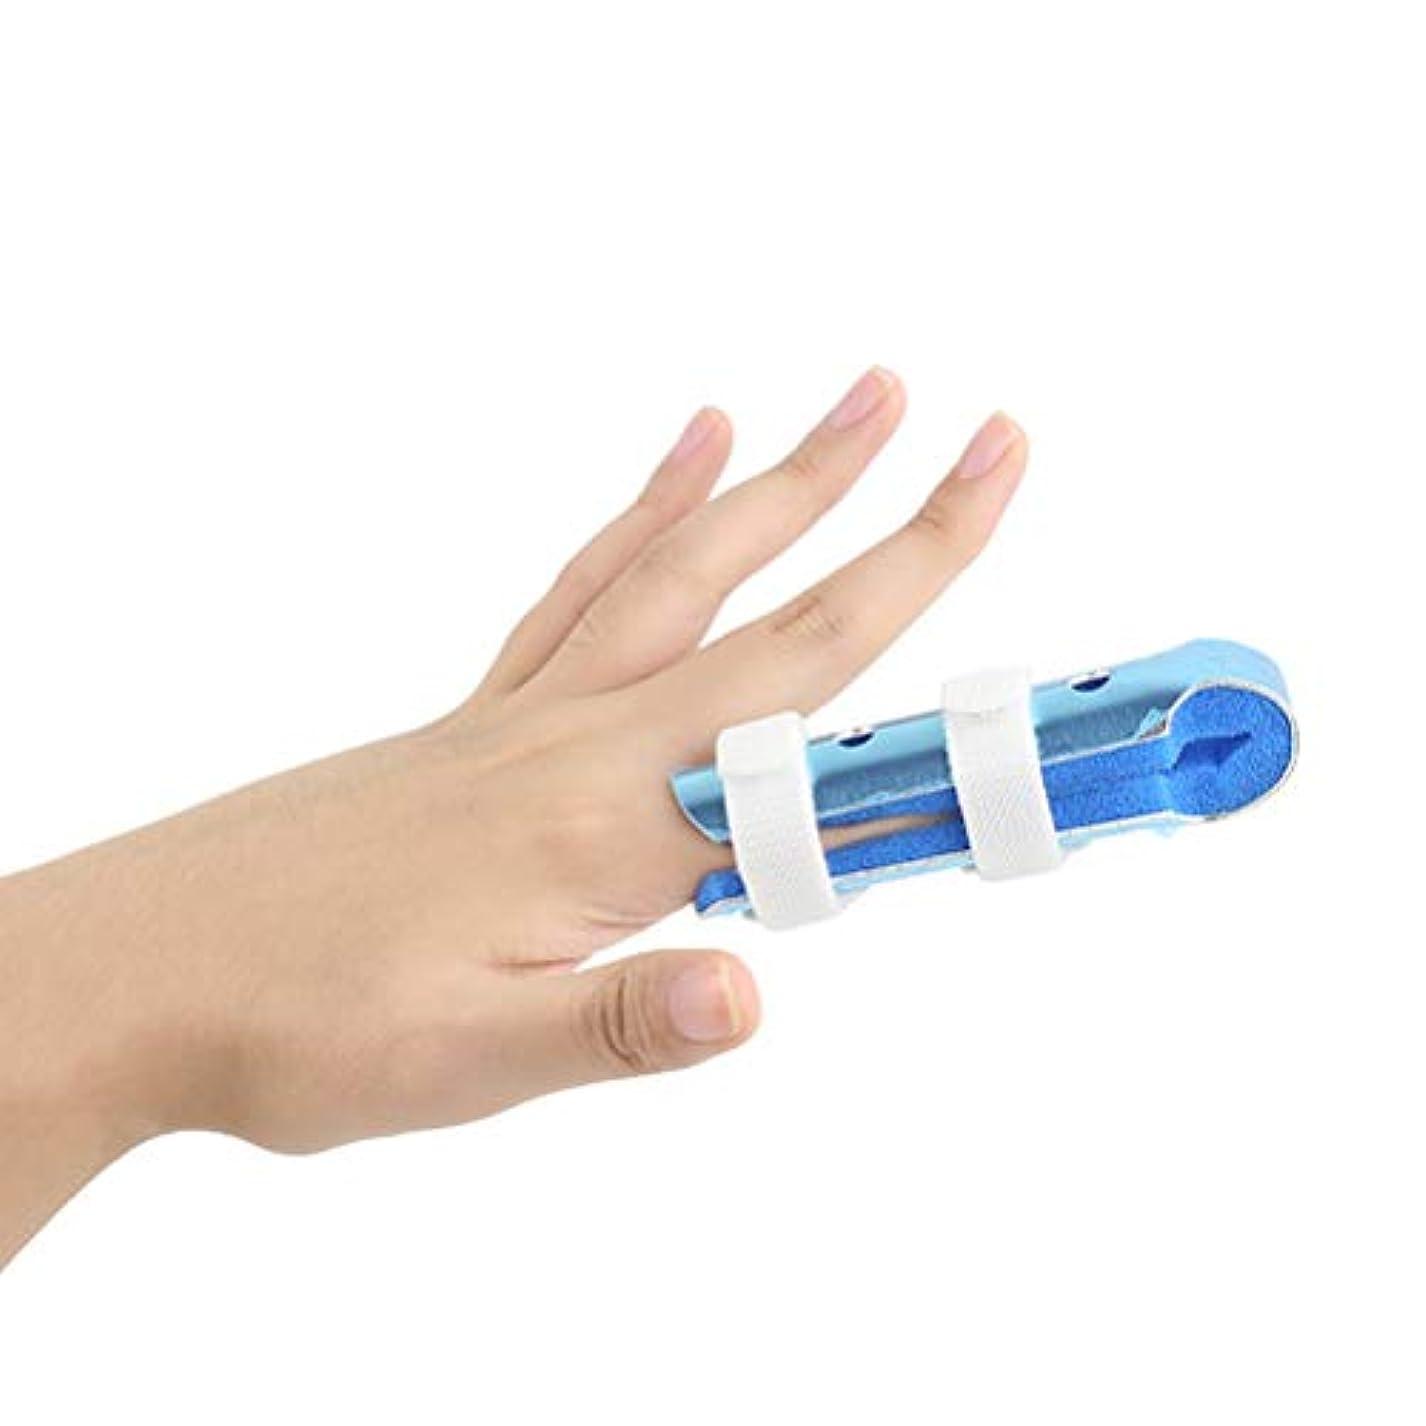 報復収まる労働Healifty Finger splintストレートナー壊れたフィンガープロテクターサムフィンガーイモビライザーサポート(ブルー)